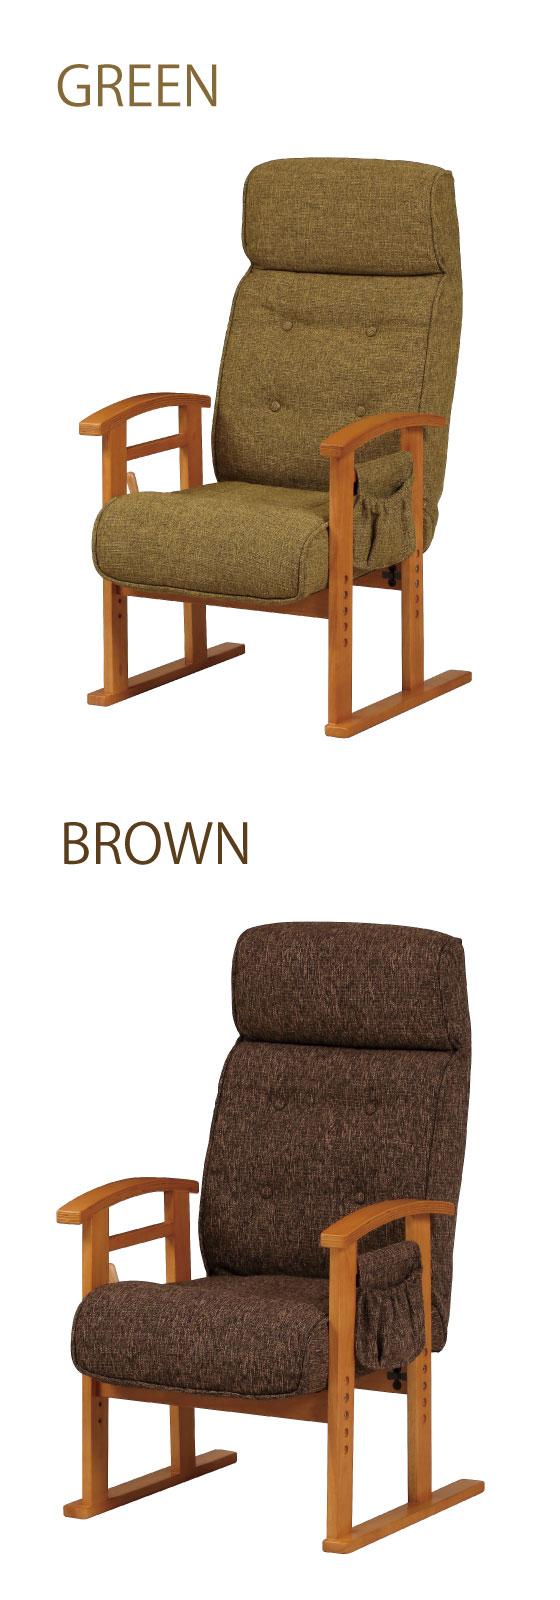 天然木&ファブリック製・リクライニング高座椅子【完売しました】